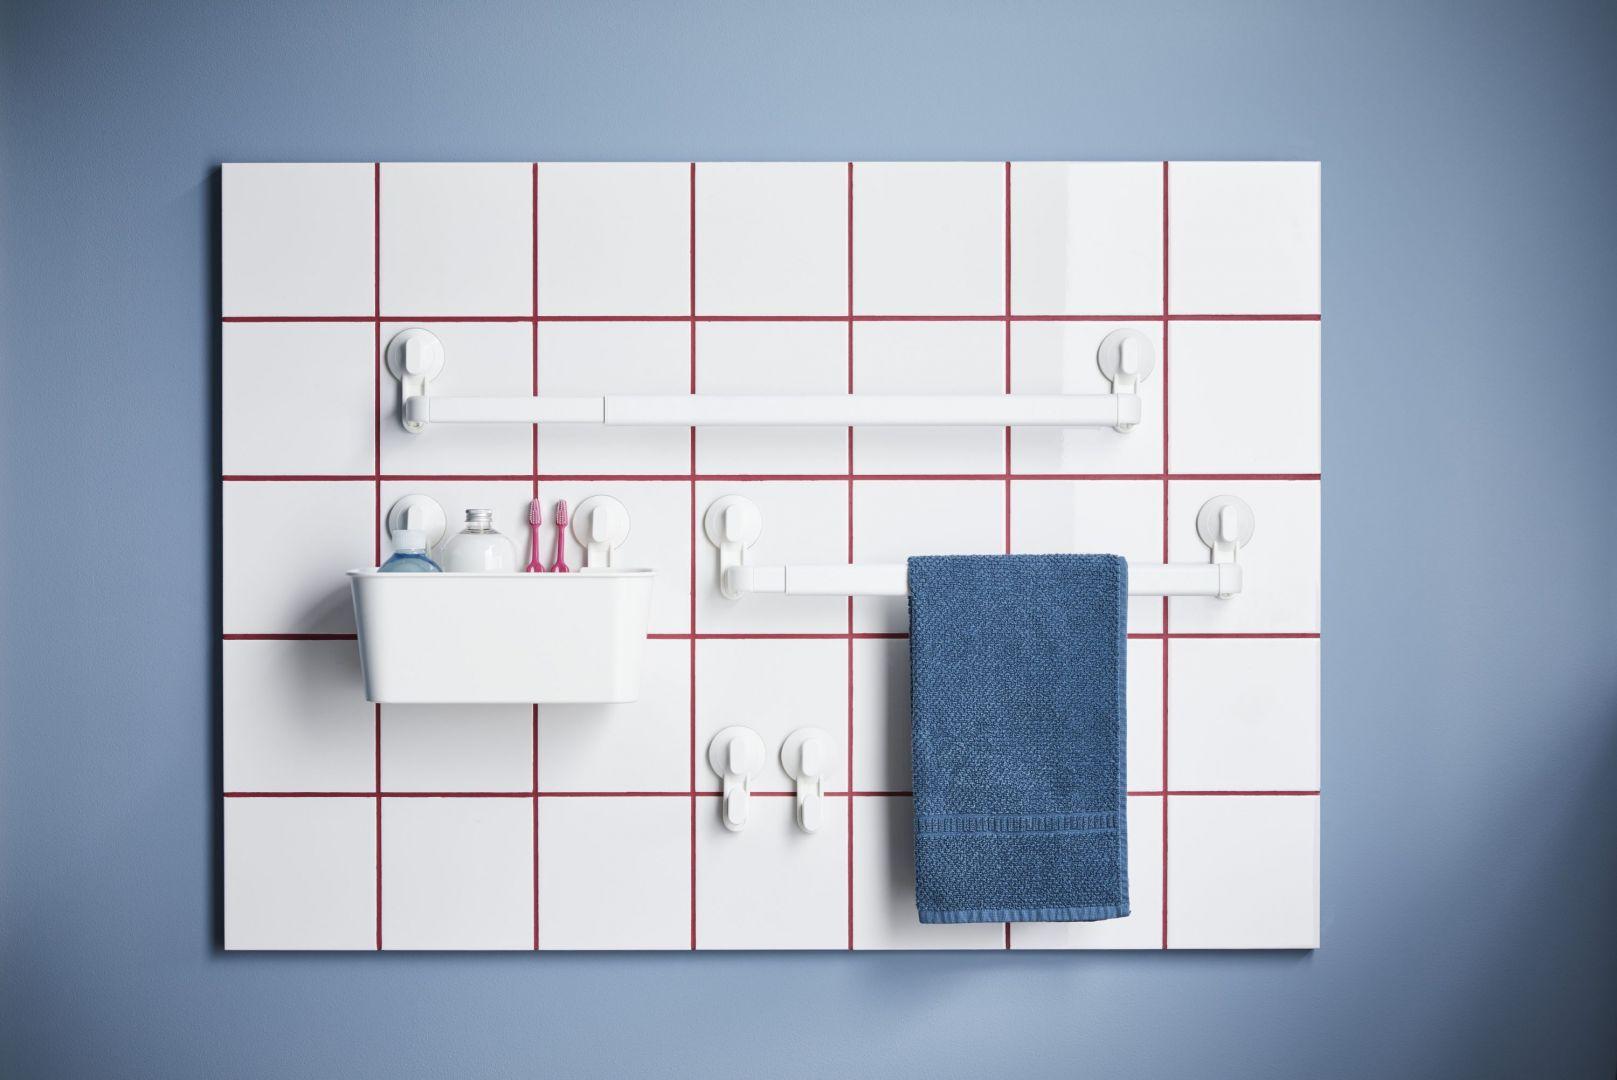 STUGVIK – kosz z przyssawkami  przybory toaletowe można zamocować np. na ścianie nad umywalką. Fot. IKEA,